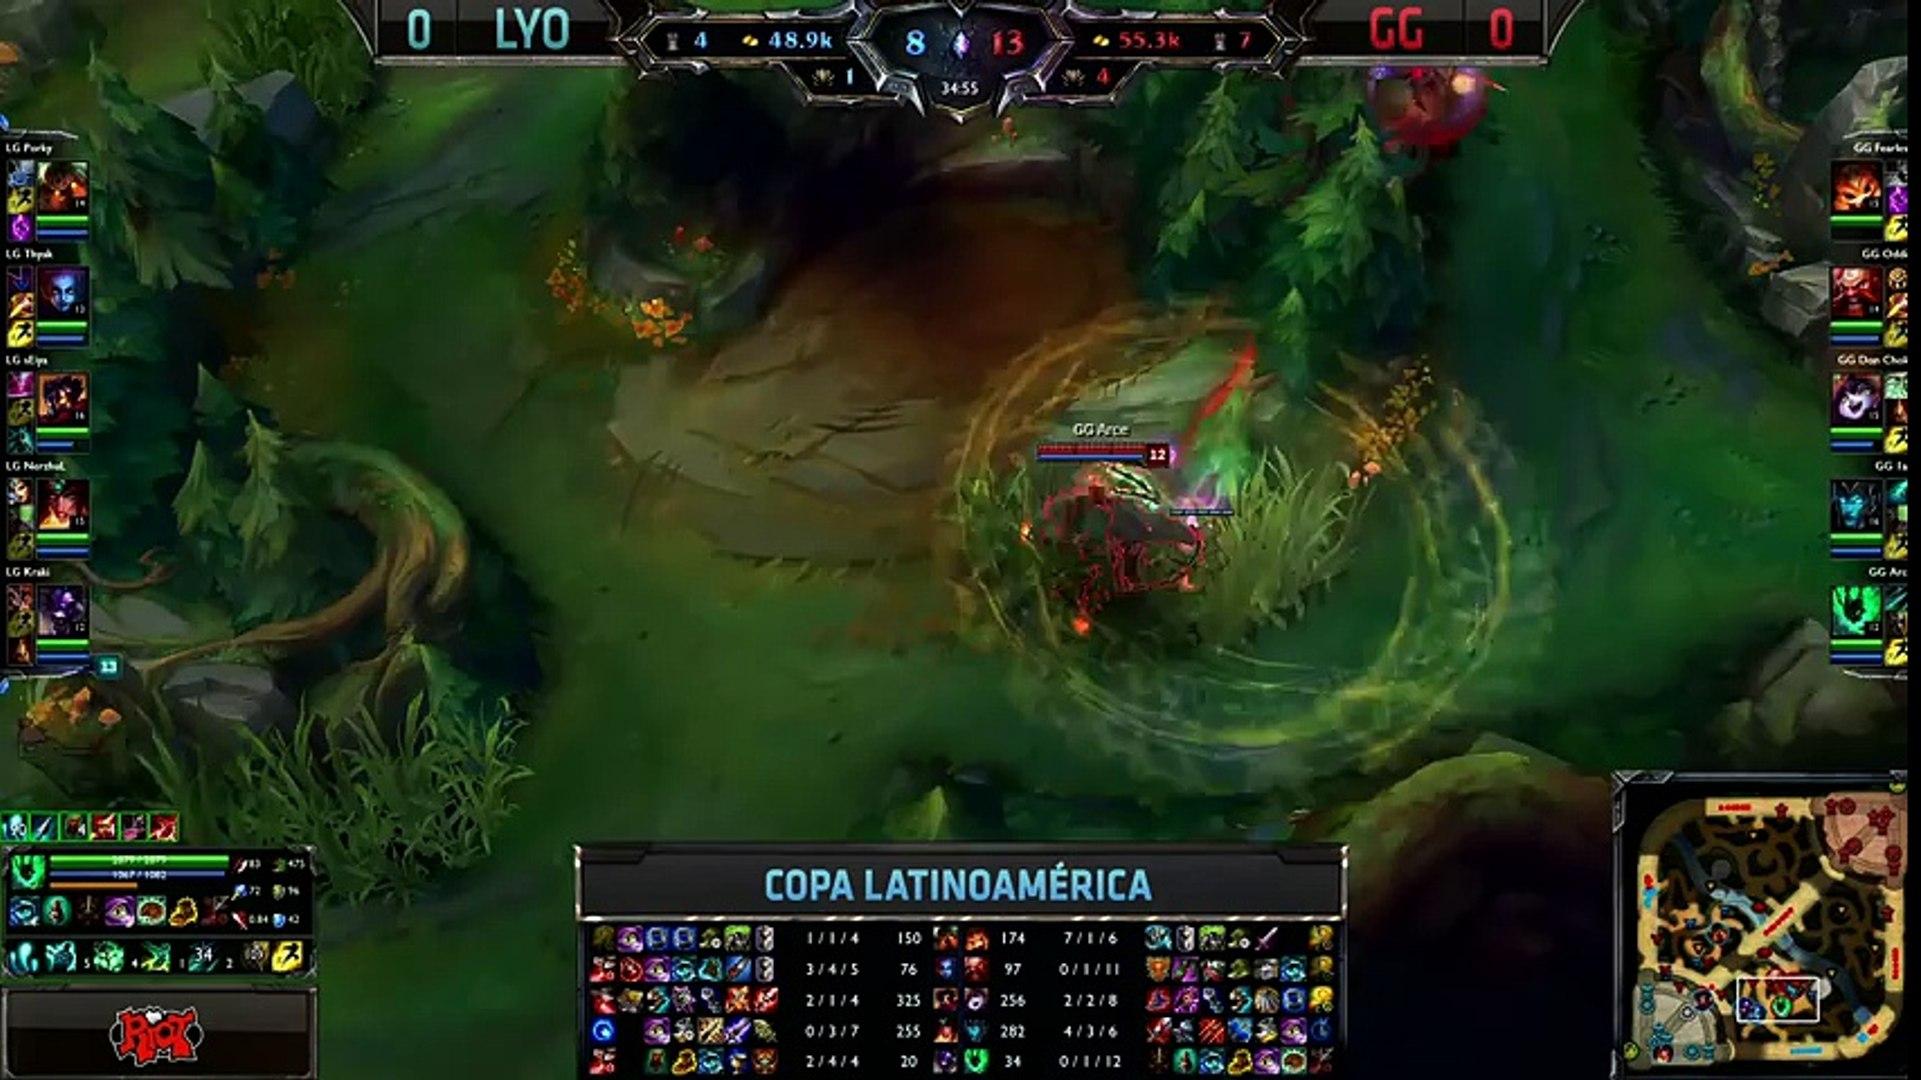 Lyon Gaming vs Gaming Gaming - La Final 129